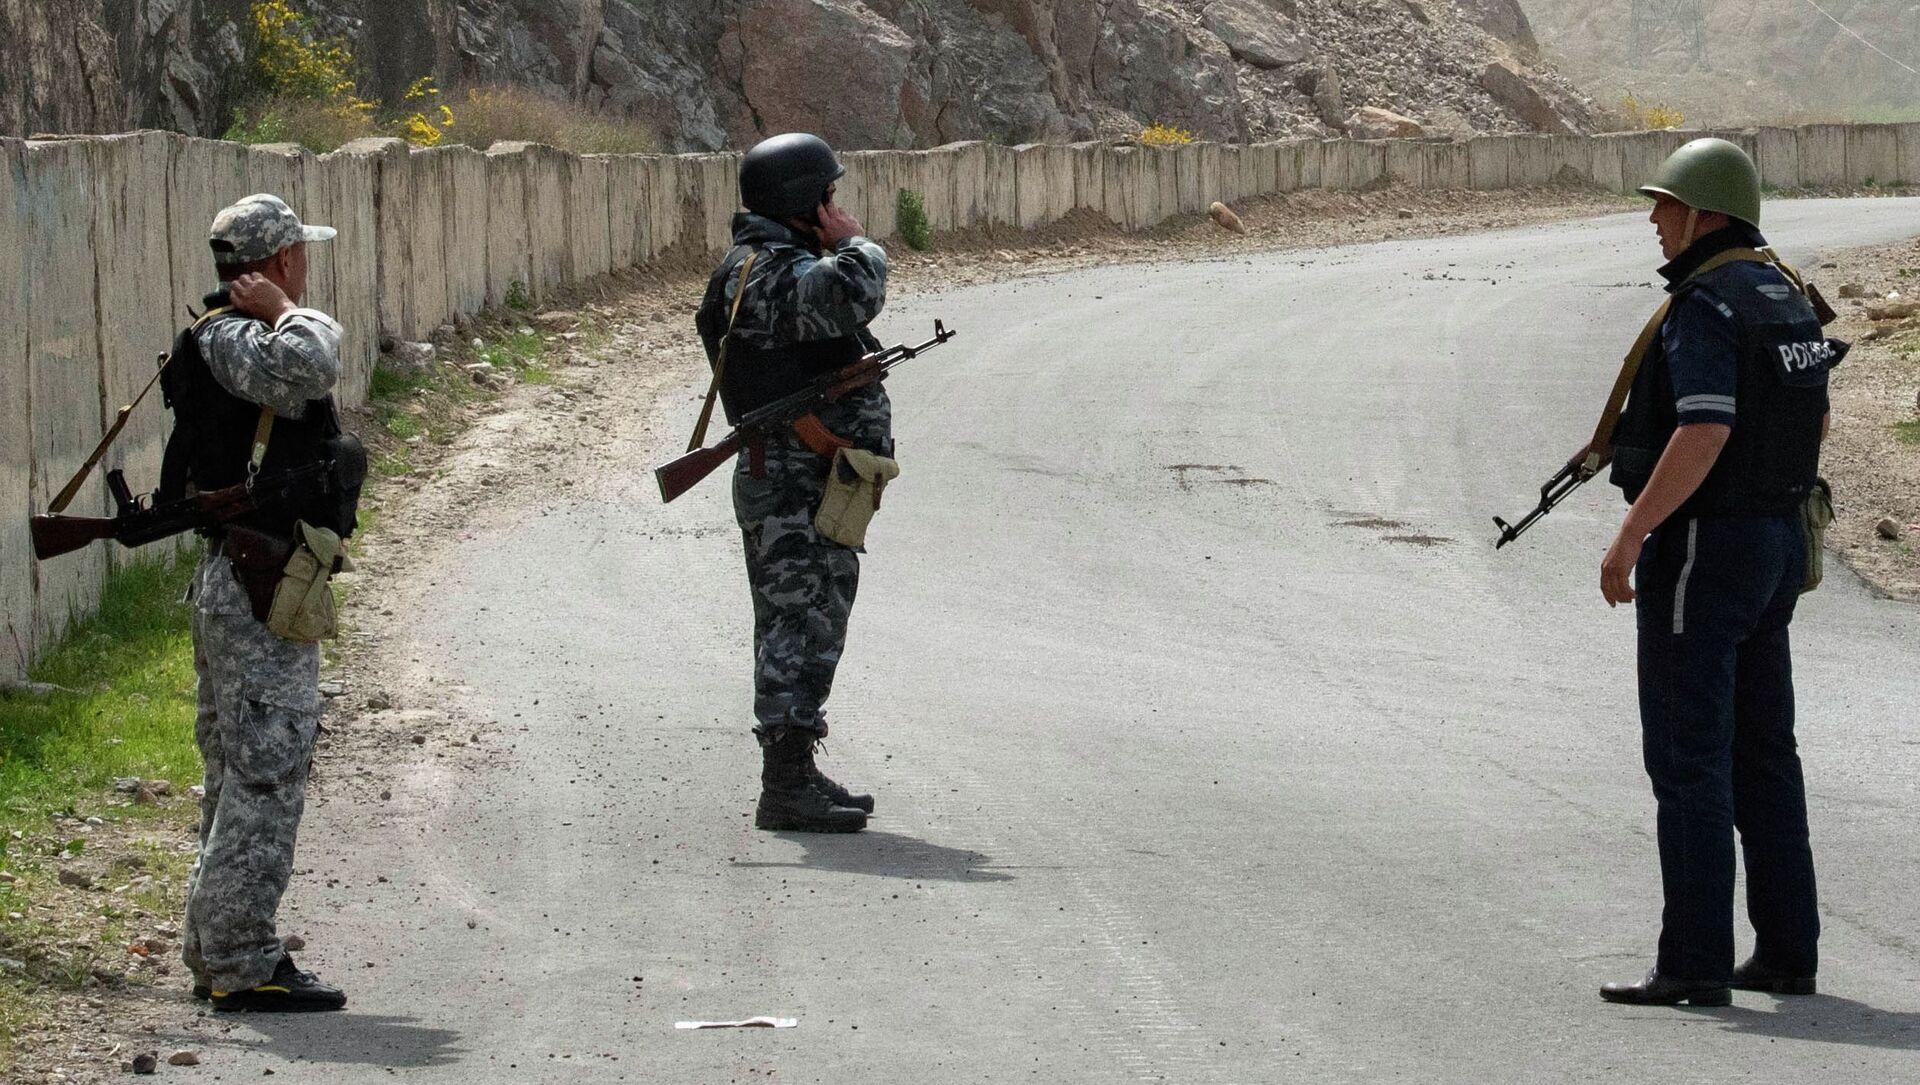 Kirgiscy żołnierze i funkcjonariusze policji na terenie wsi Kok-Tasz na granicy Kirgistanu i Tadżykistanu. - Sputnik Polska, 1920, 06.06.2021